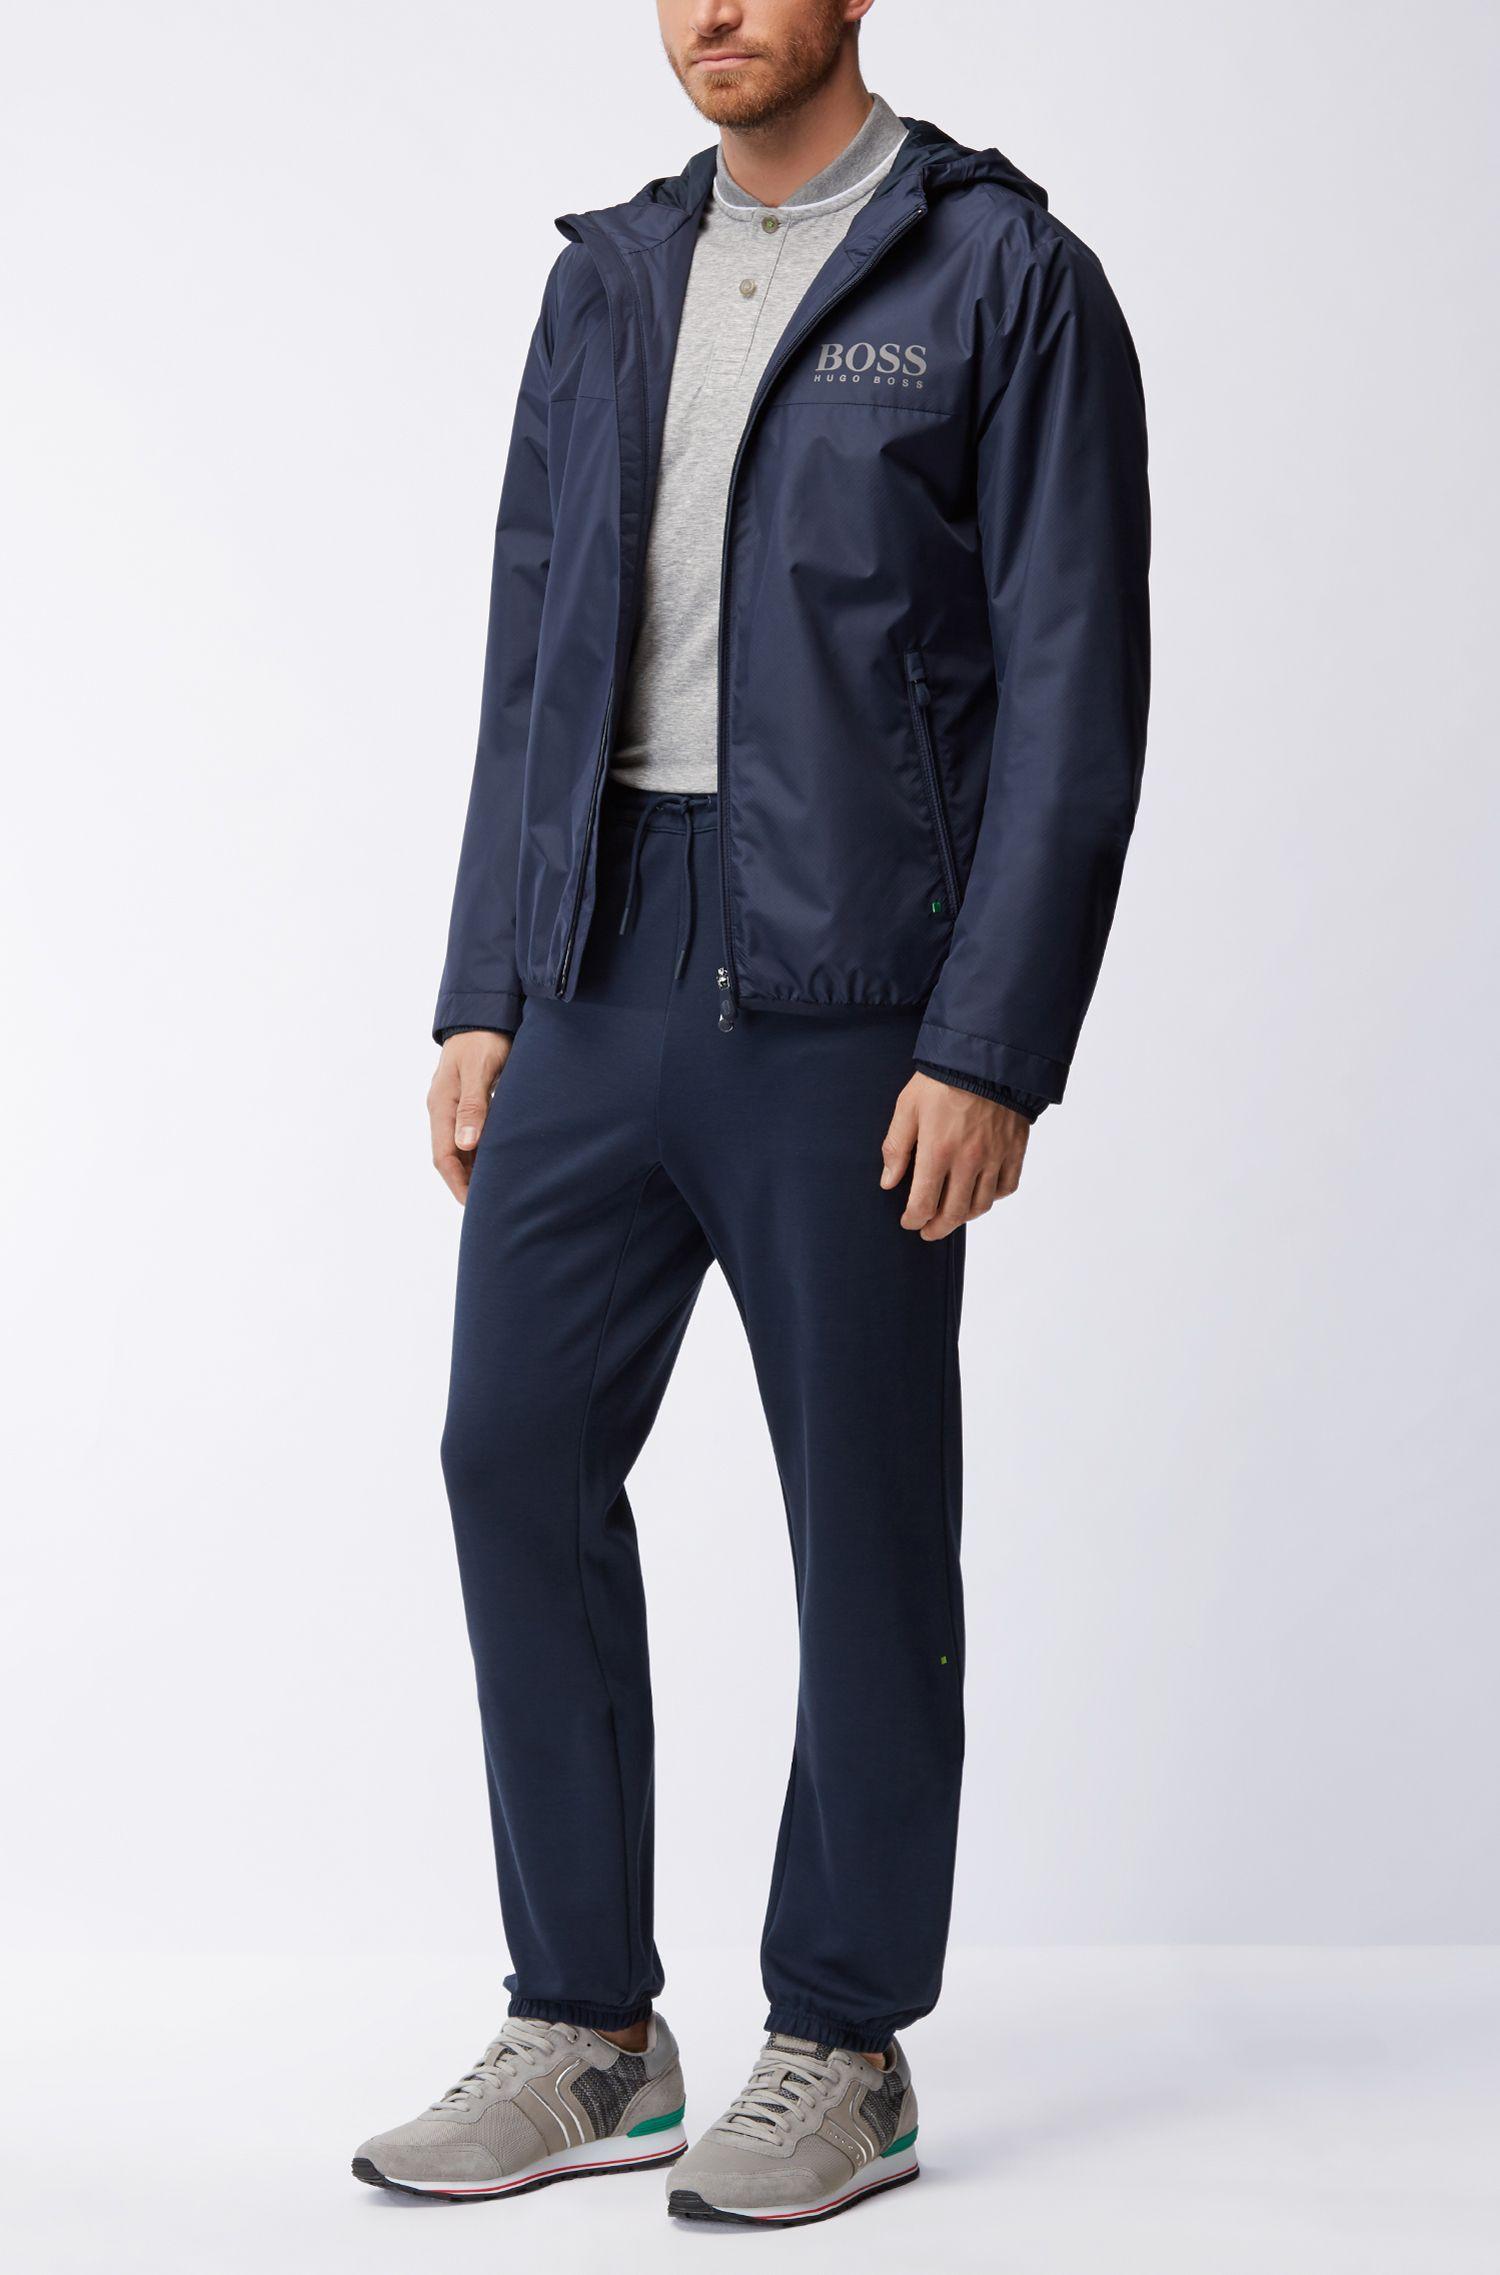 Polo slim fit in misto cotone con colletto stile bomber